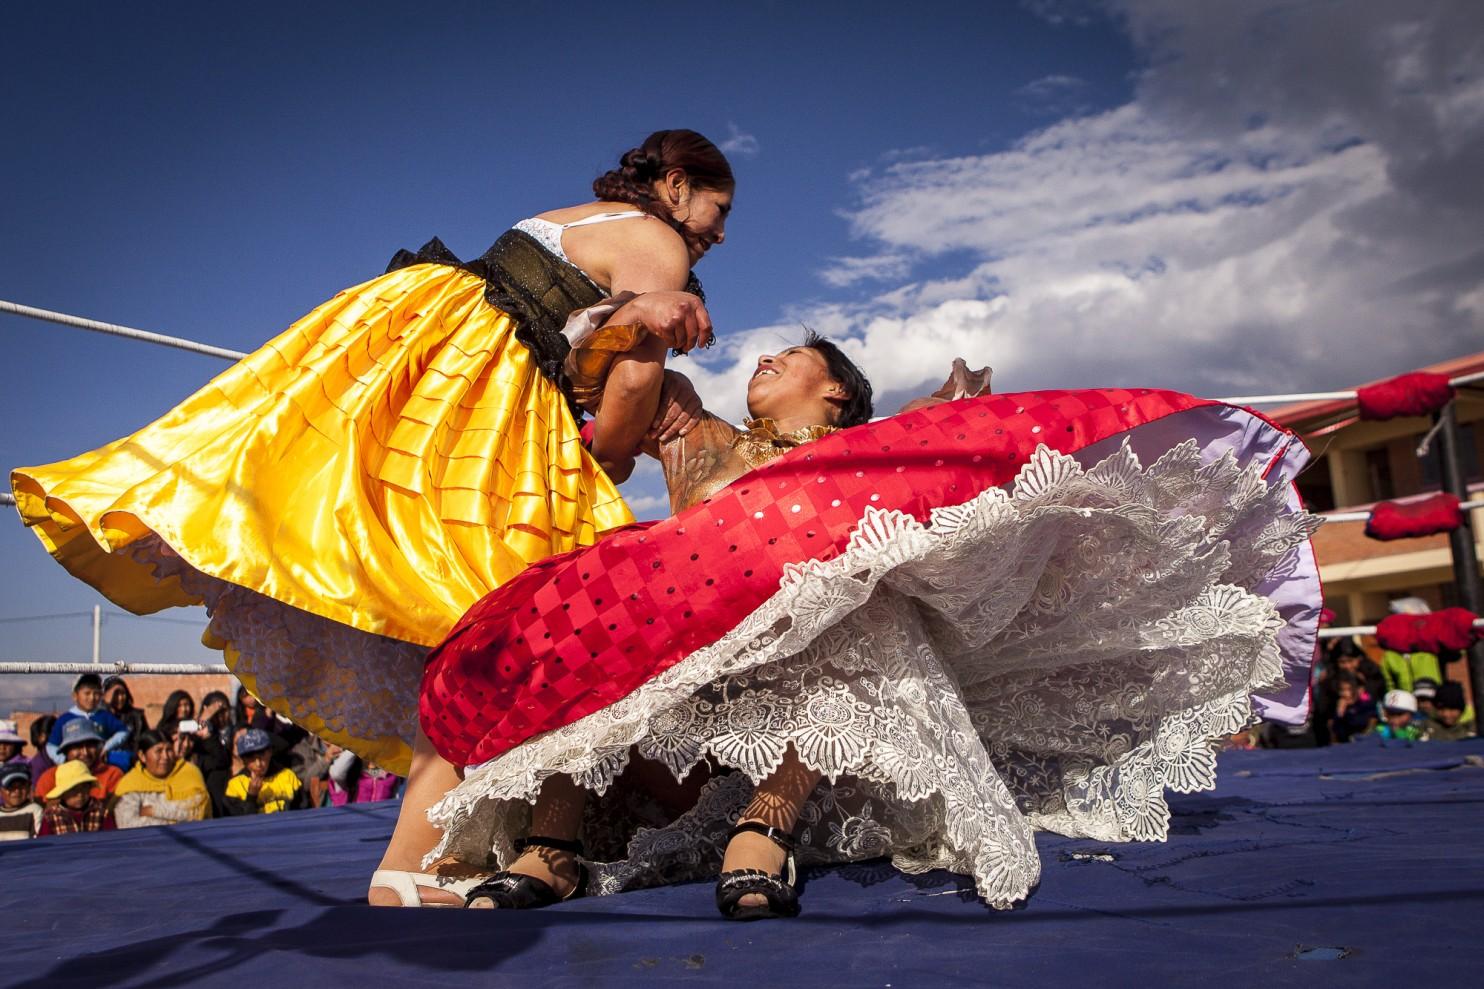 Flying cholitas